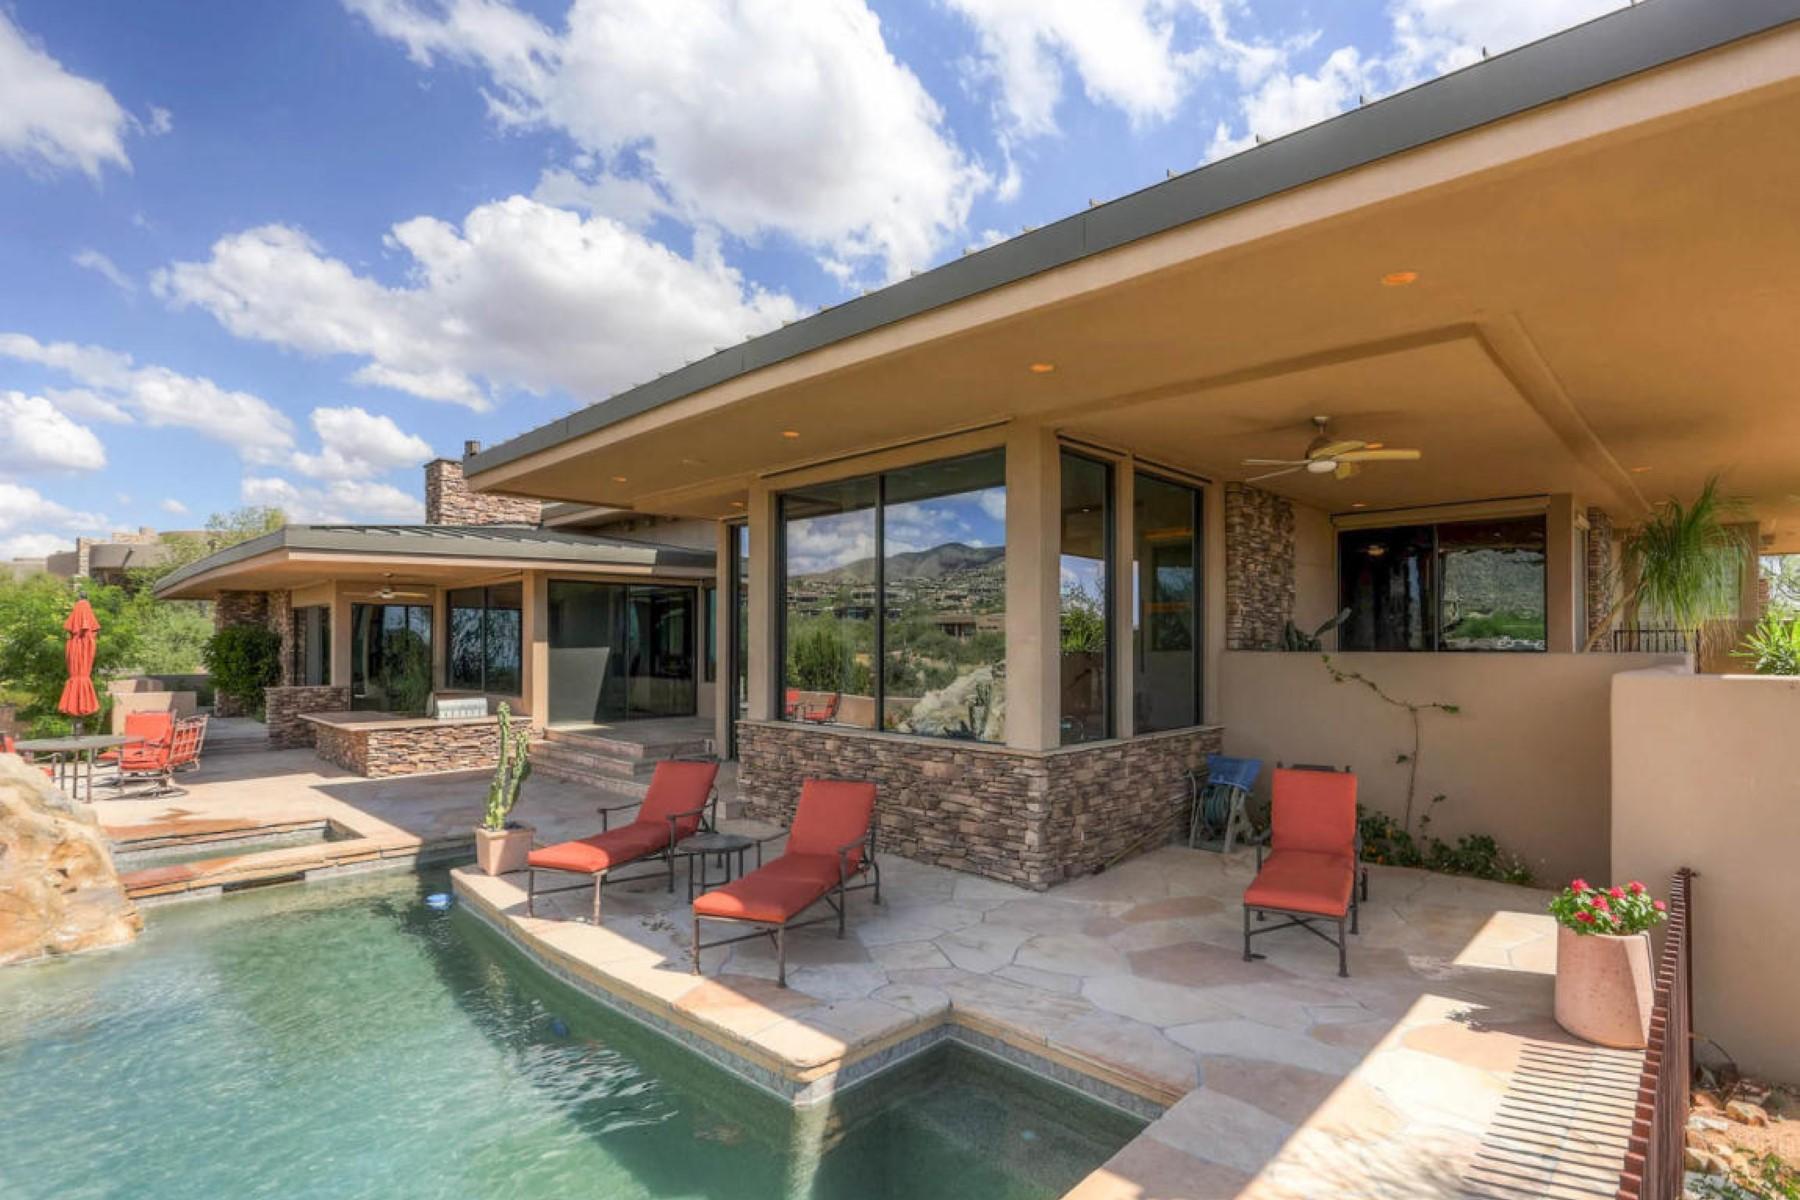 獨棟家庭住宅 為 出售 在 Impeccably maintained home in Desert Mountain 11212 E Mesquite Dr Scottsdale, 亞利桑那州, 85262 美國